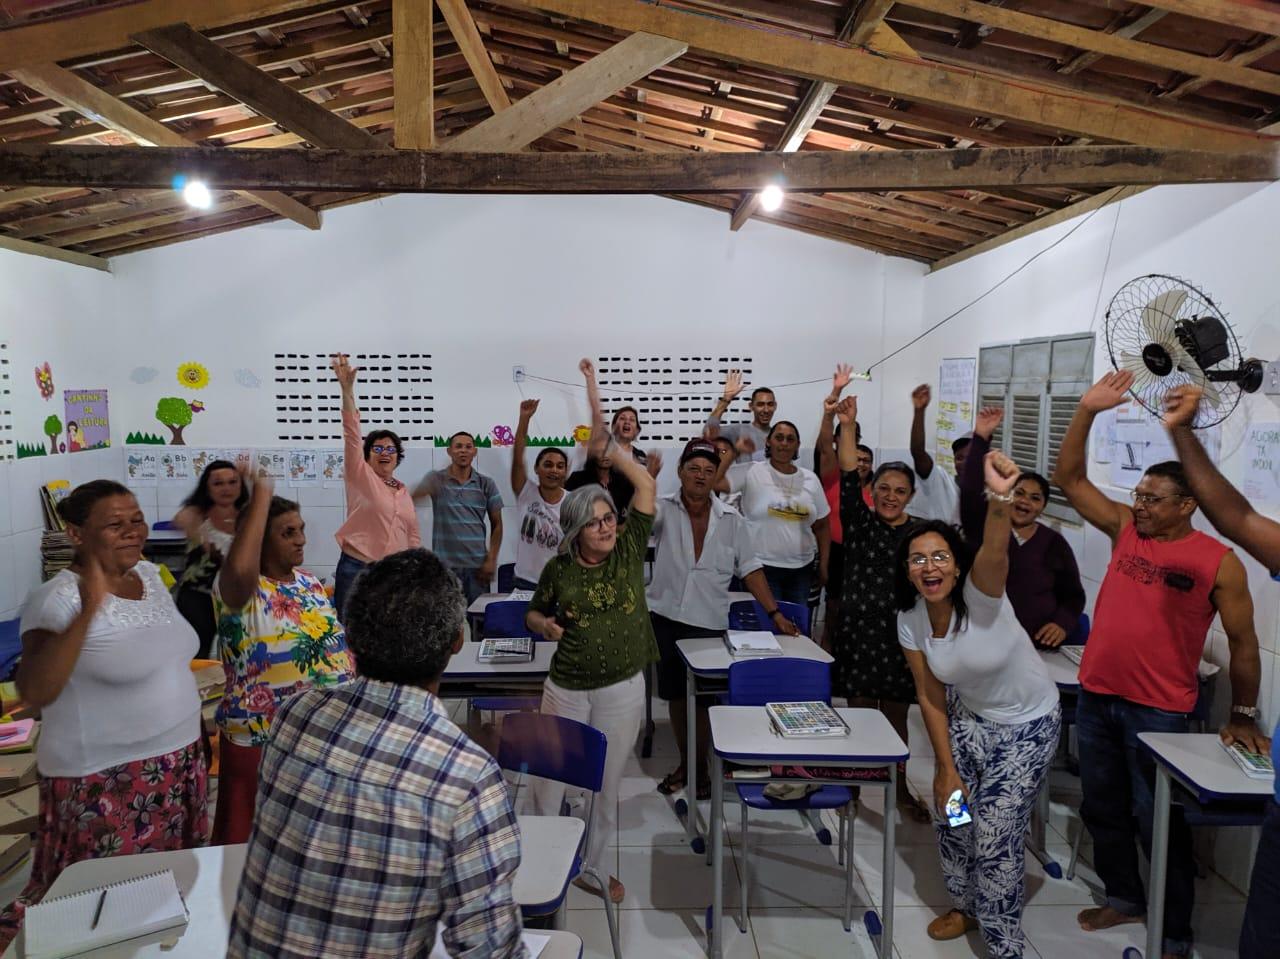 Visita Turmas do Agora Vai Fotos LeandroSantos Secomd 11 - Prefeita Márcia Lucena visita turmas do Programa de Alfabetização de Jovens e Adultos 'Agora Vai!'